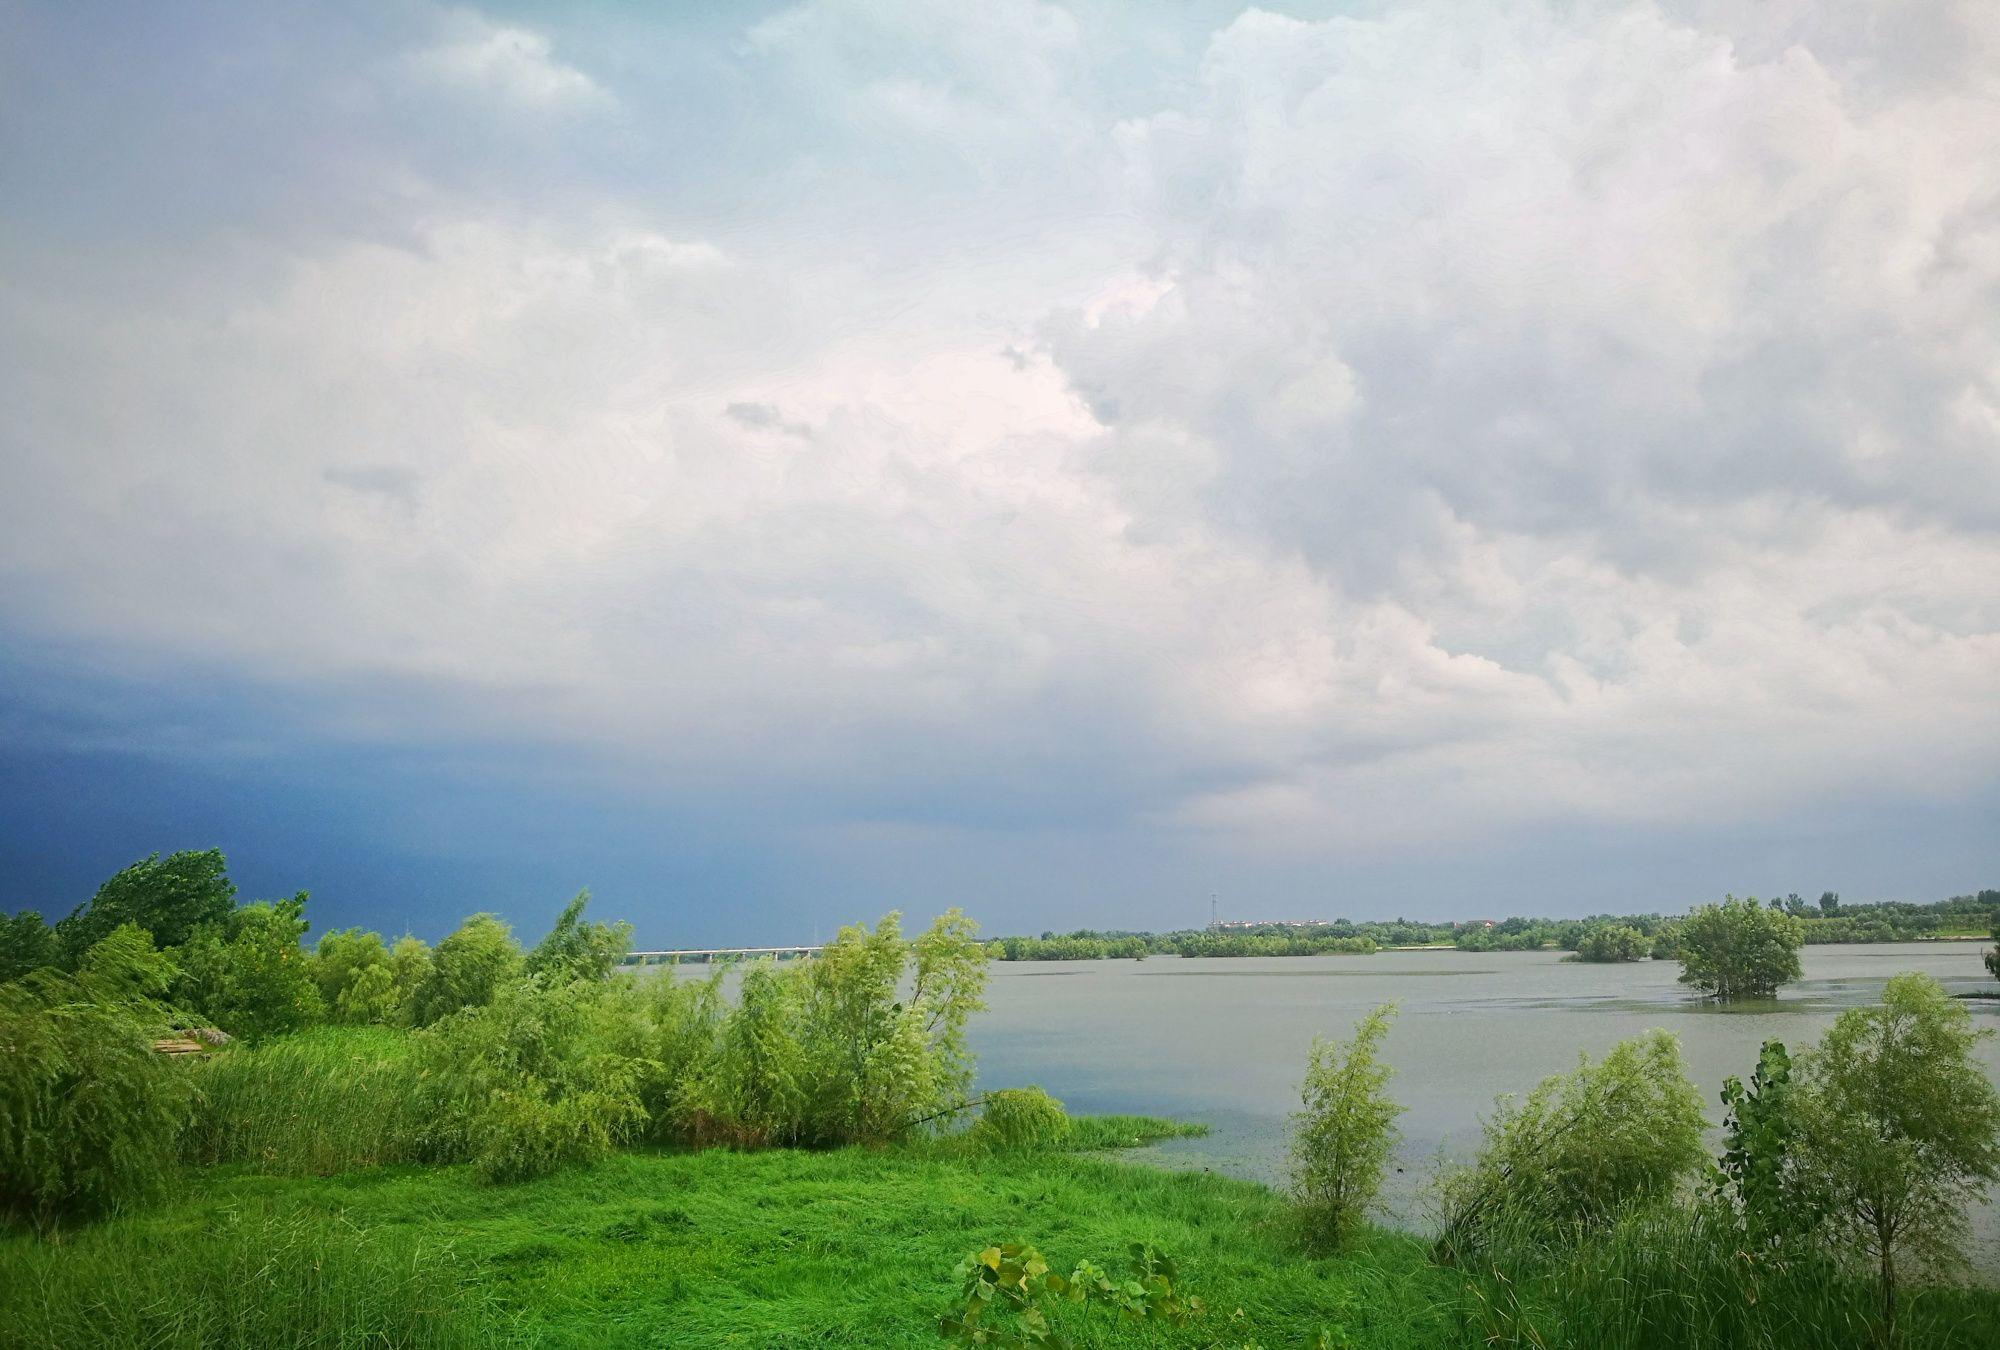 一号站平台登录网页:暴雨过后 罗浦公园是多么美丽 我傻傻地看着云朵流动和天空